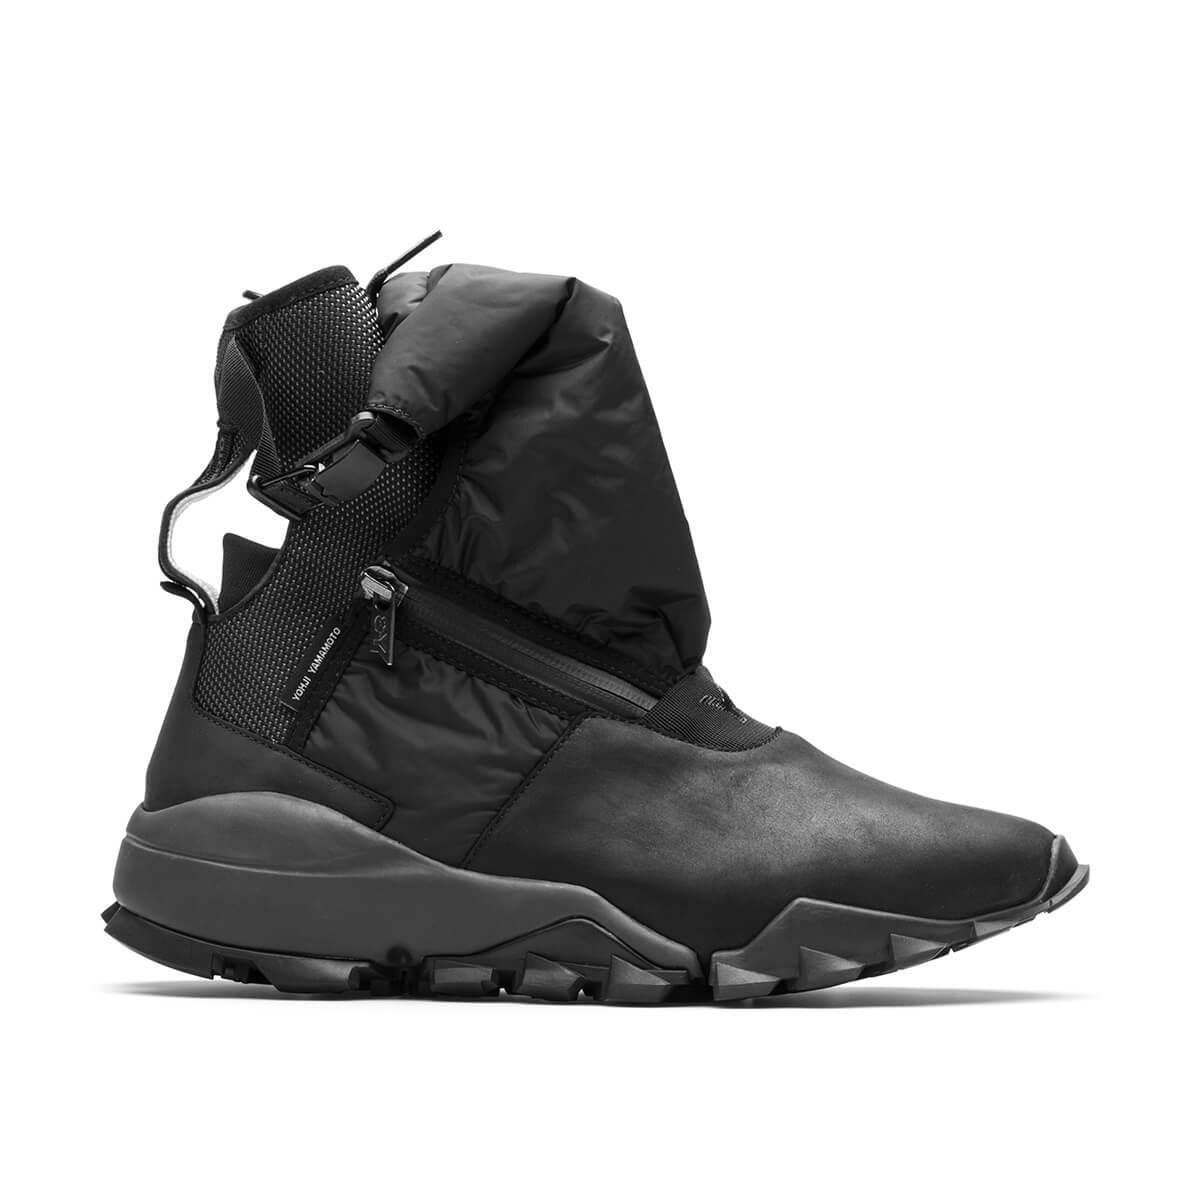 40c238d117ac1 Y-3 Ryo High Sneakers in Black for Men - Lyst